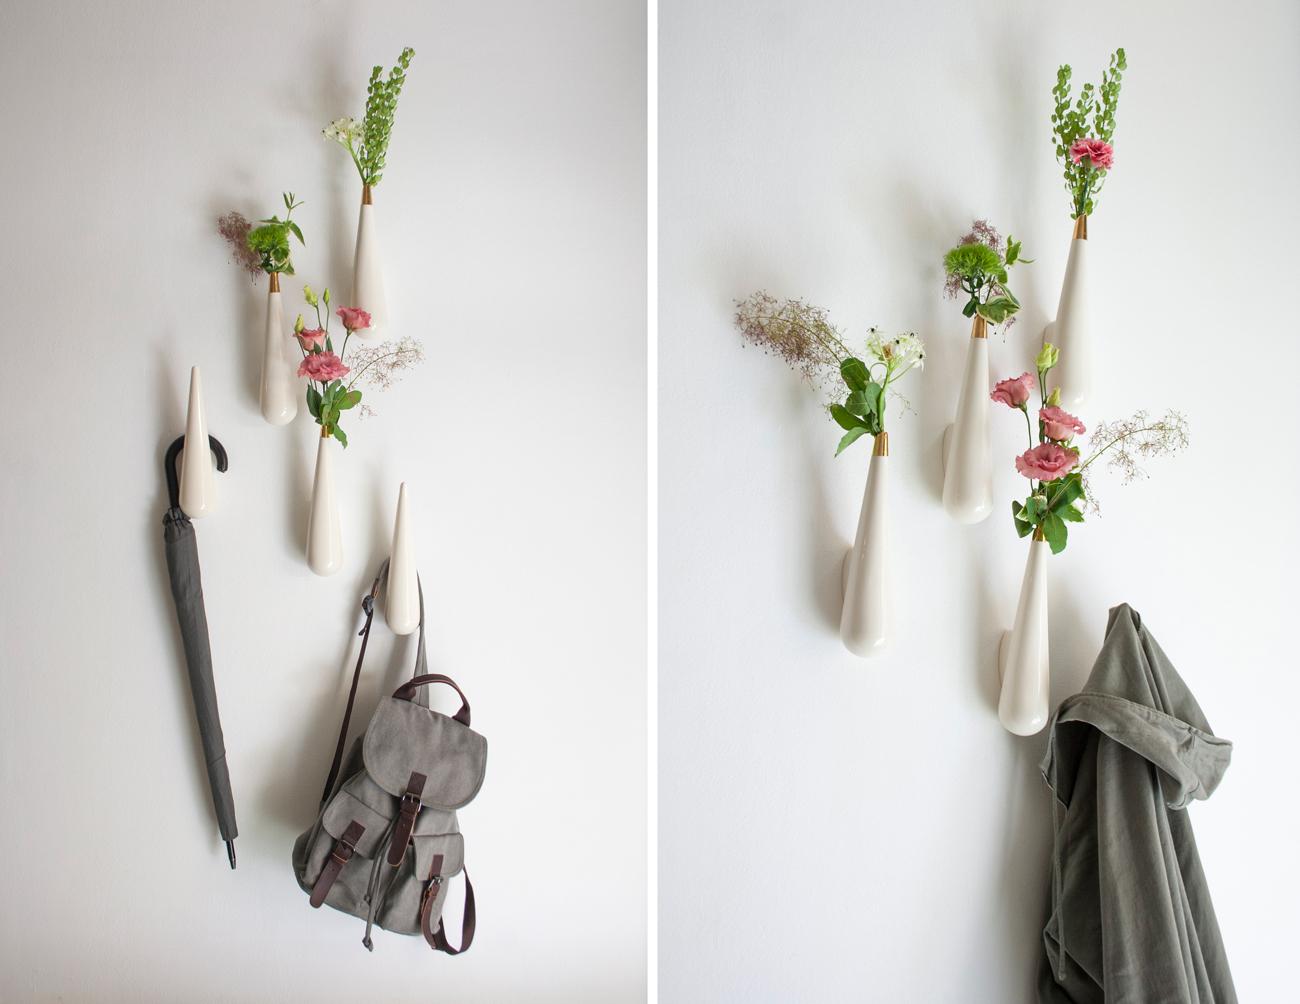 Hangers and Vases Rain